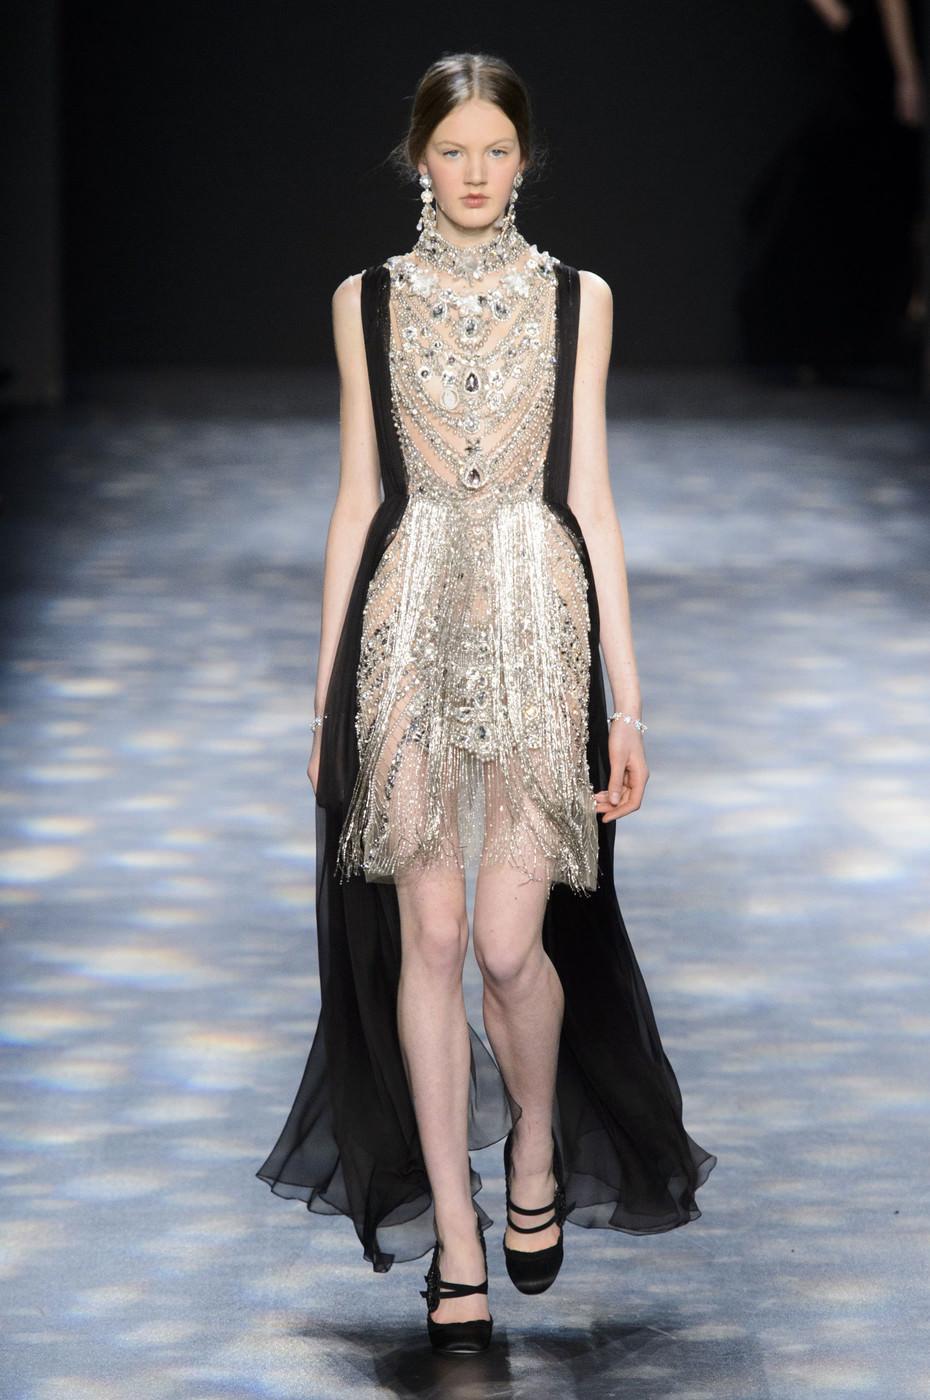 Необычное платье для показа